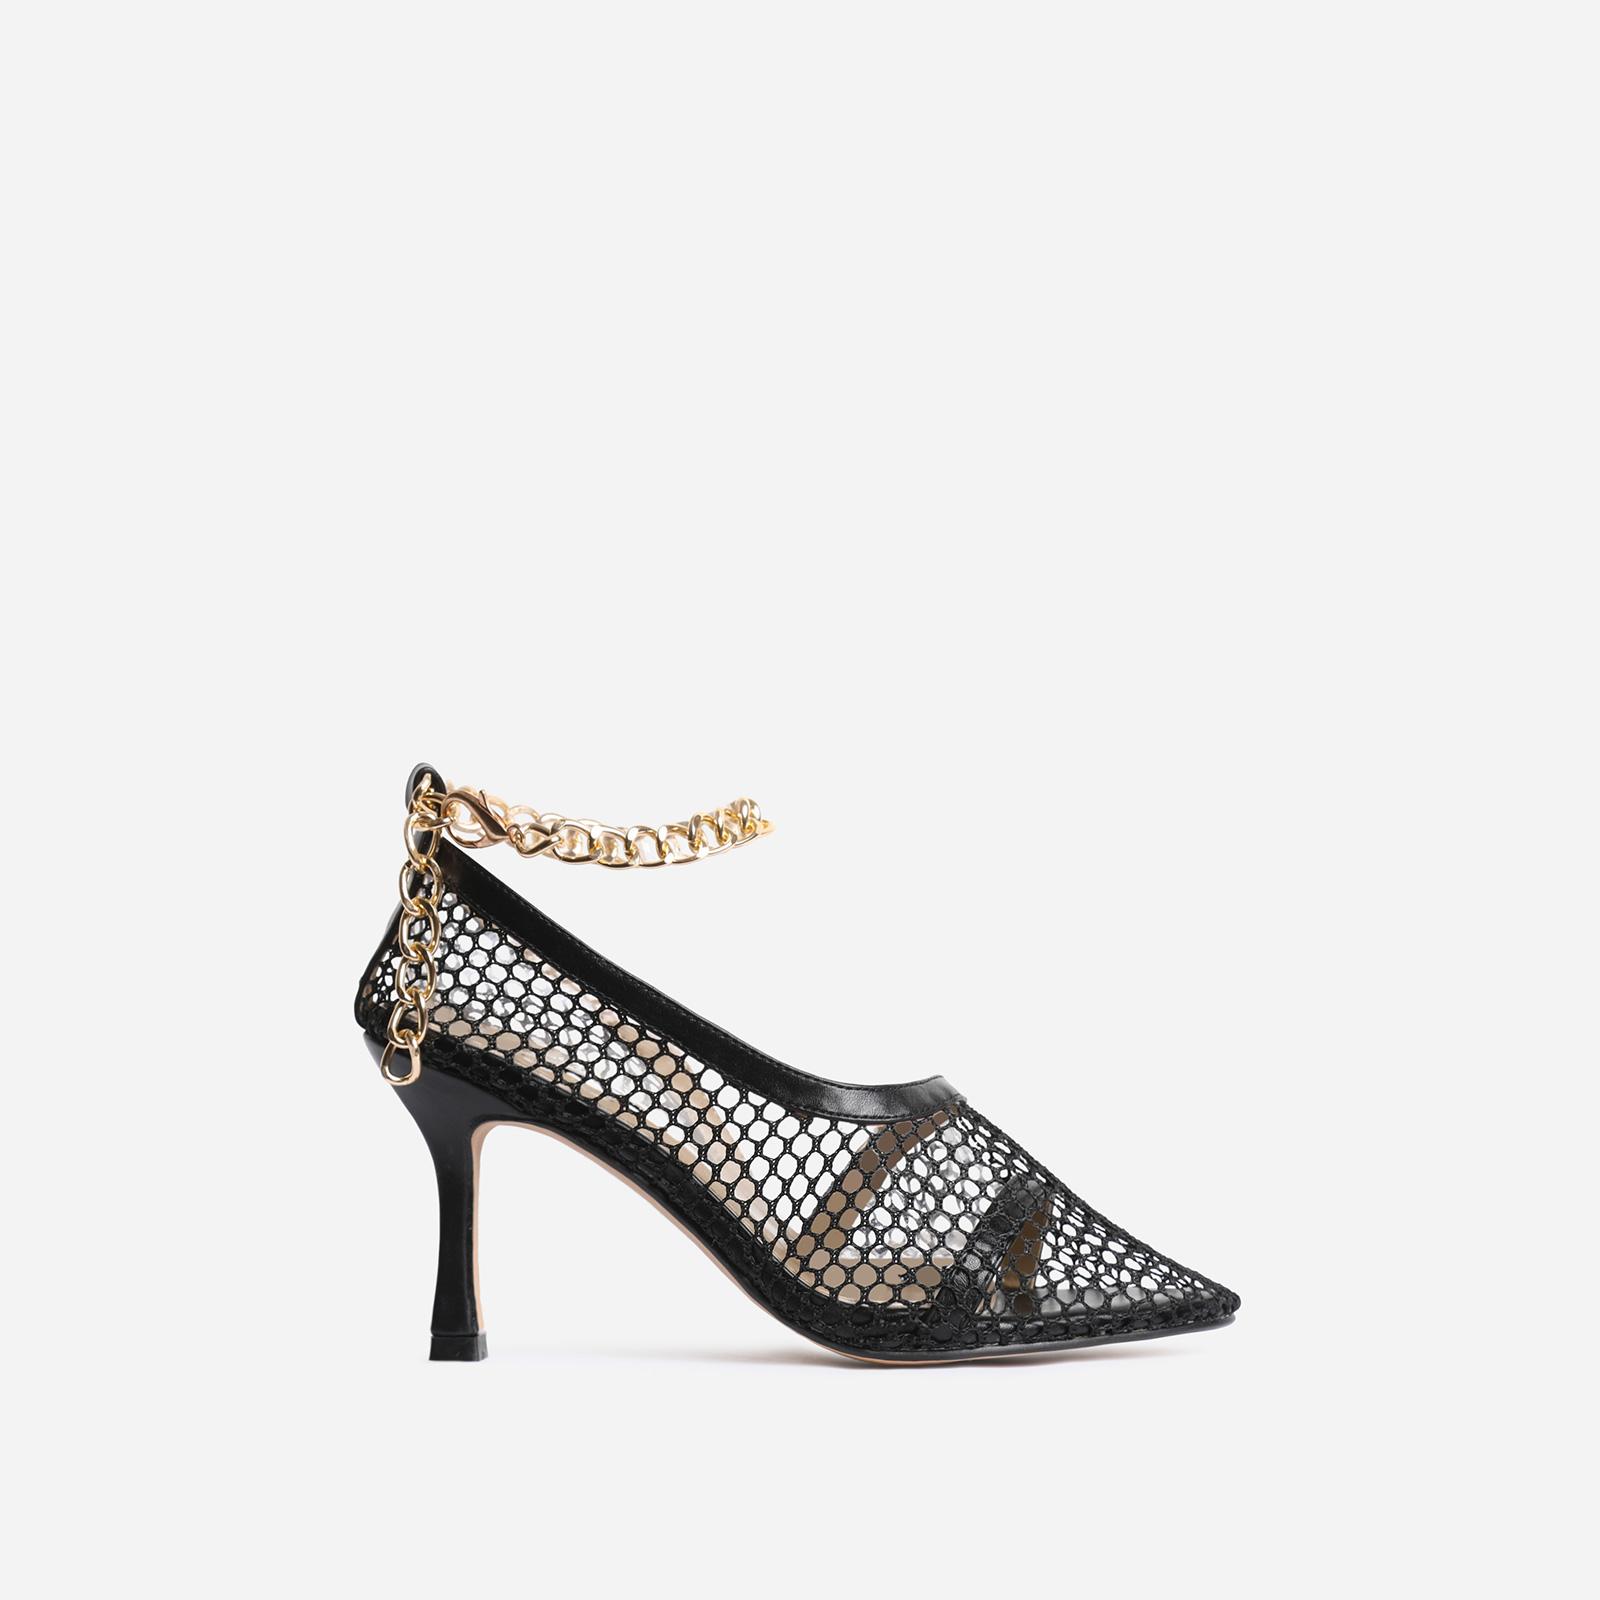 Winnie Chain Detail Fishnet Court Kitten Heel In Black Faux Leather